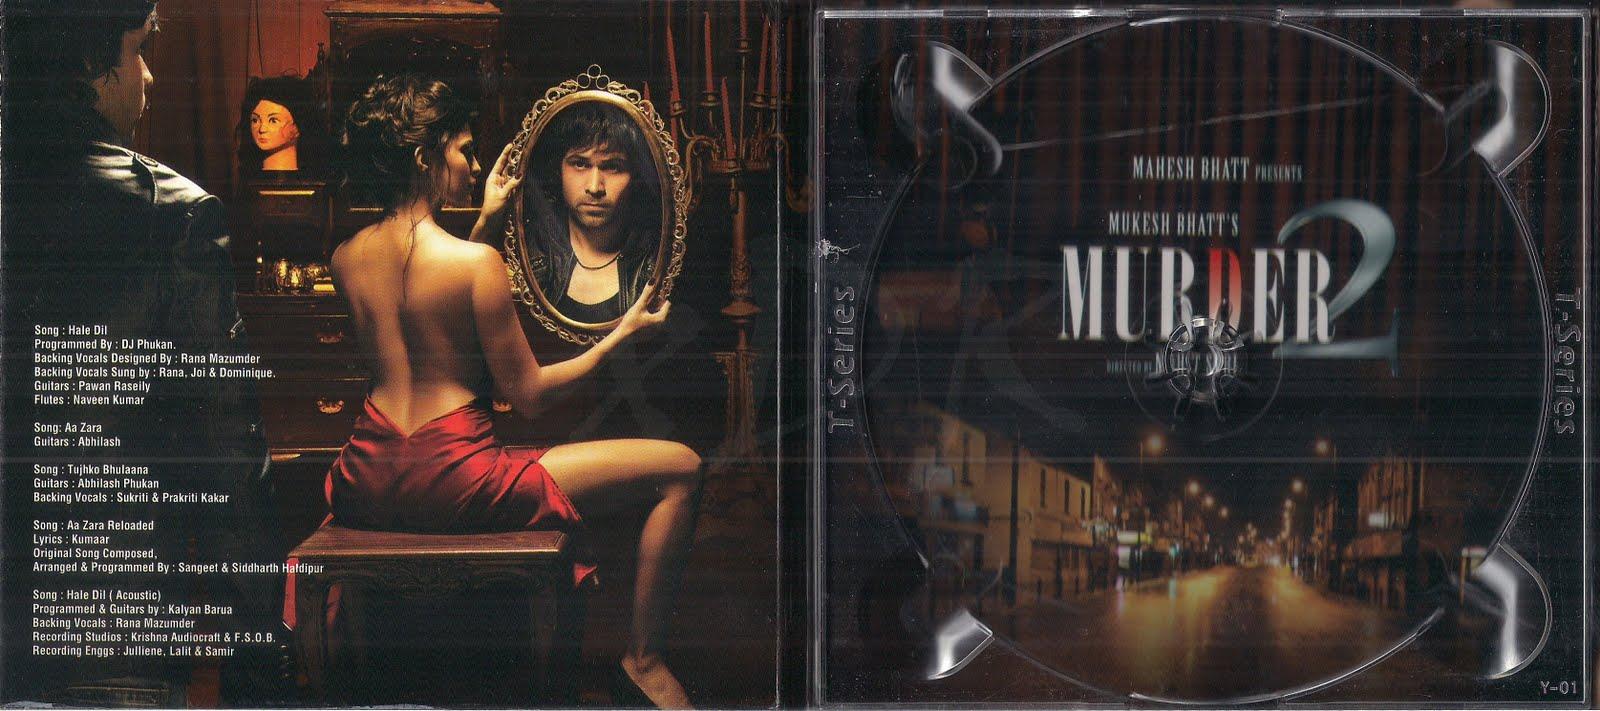 Murder2 Ful Film Download Video in MP4,HD MP4,FULL HD Mp4 ...